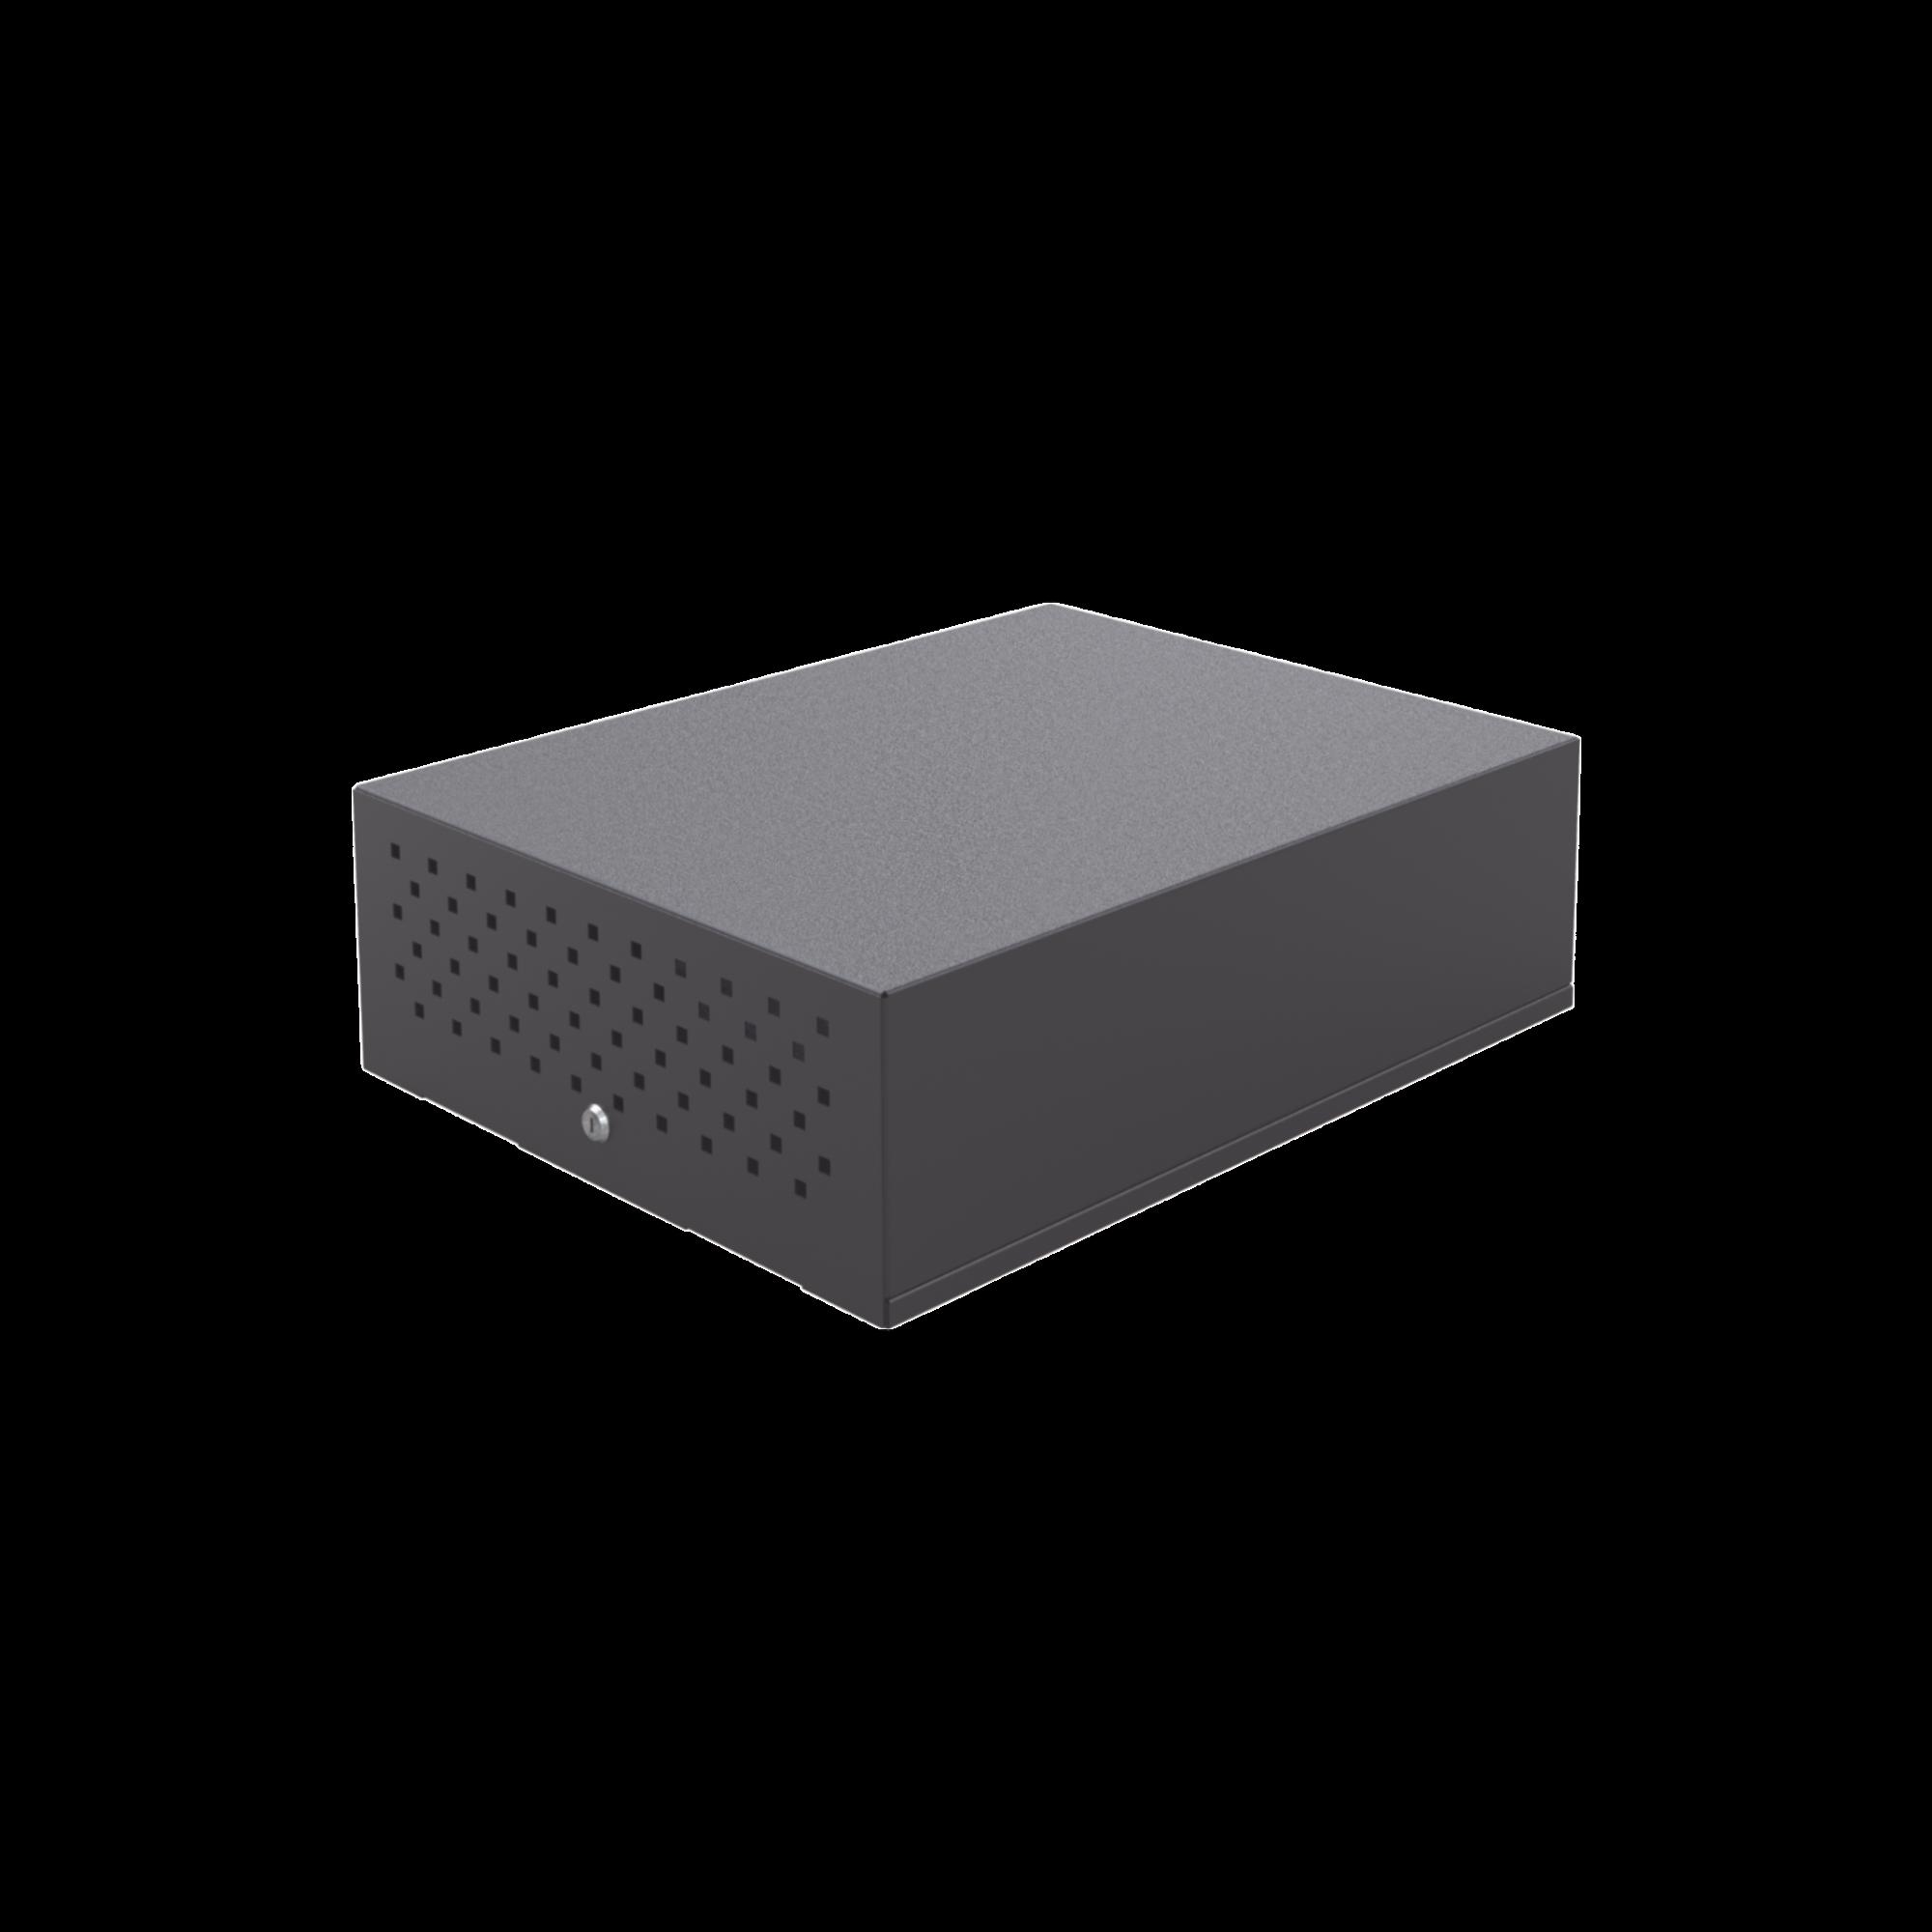 Gabinete de Seguridad para DVR/NVR. Tamaño Extra Grande (ver dimensiones de equipo compatible).